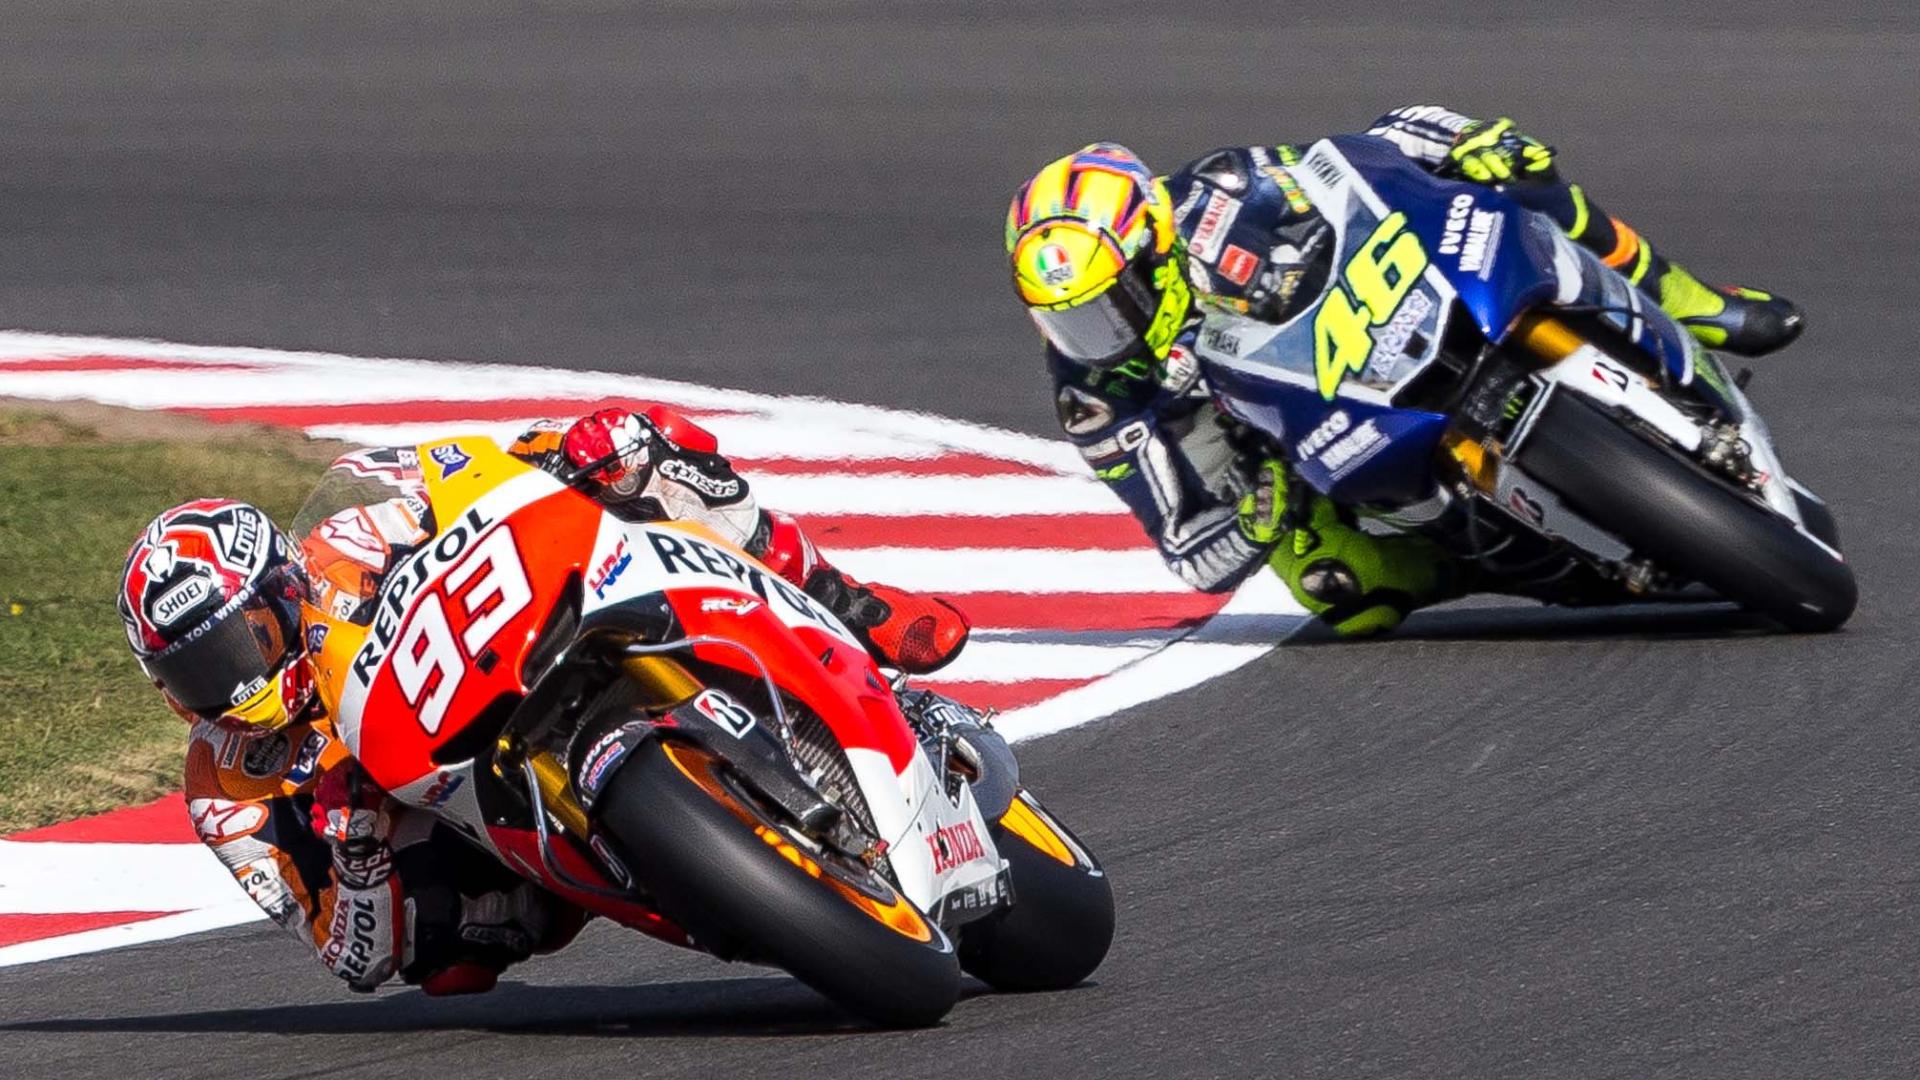 Motogp Rossi Marquez